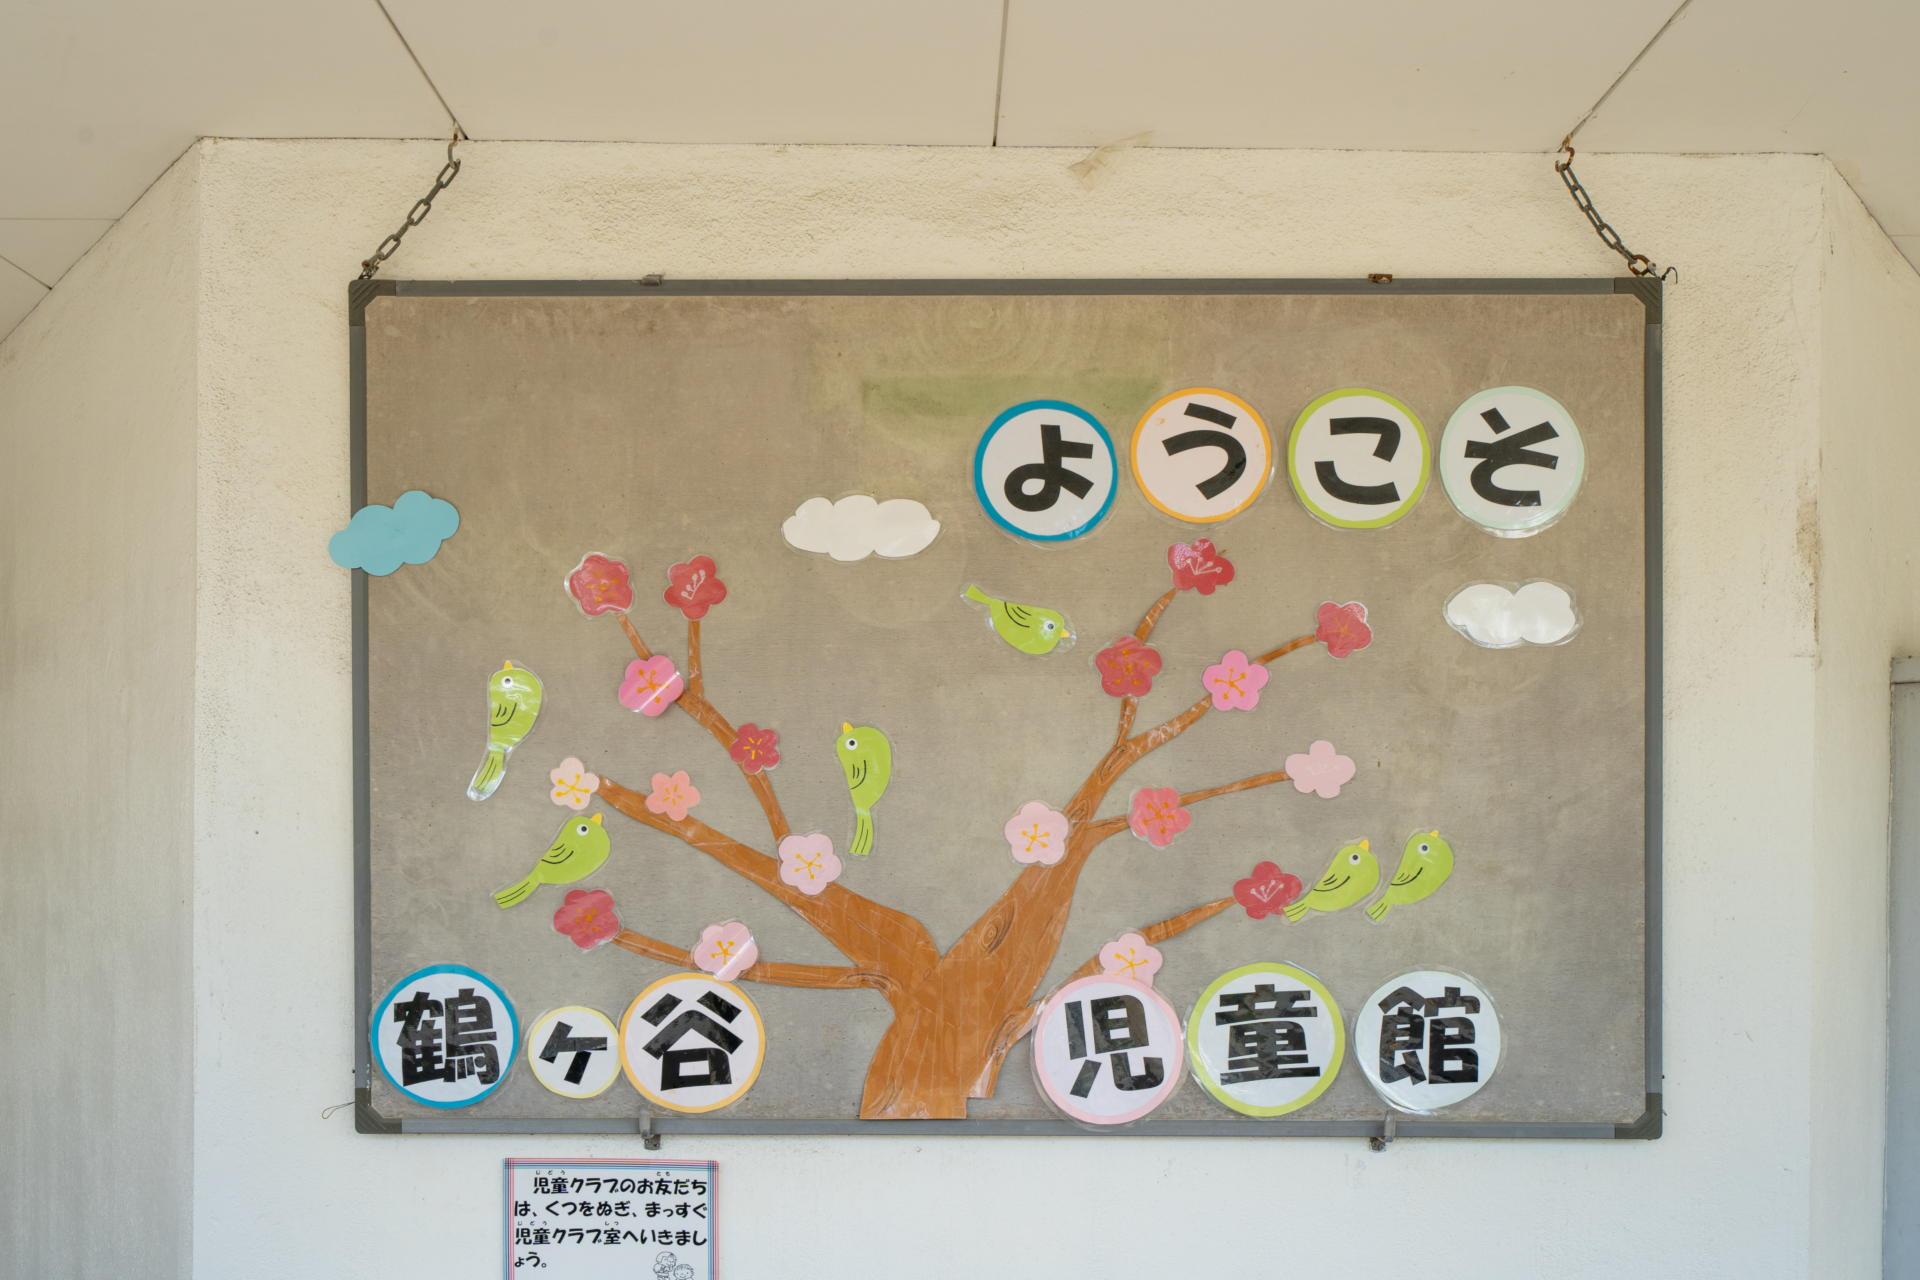 tsurugaya_p1920_117